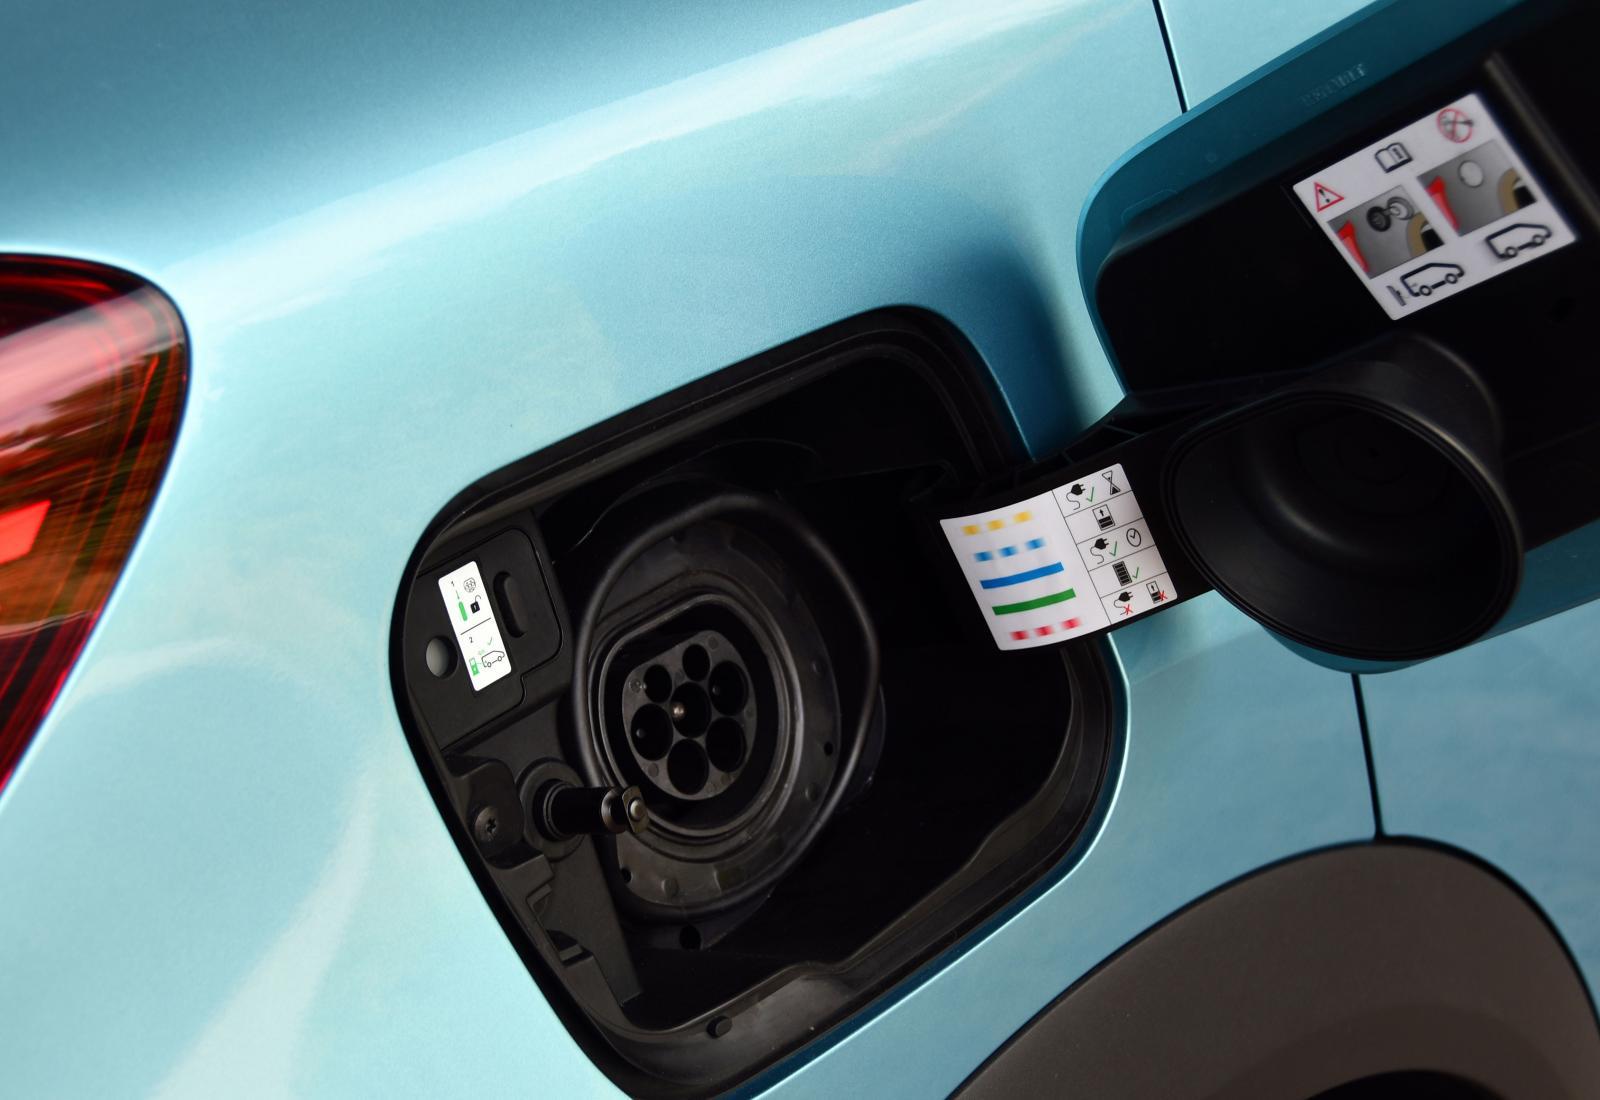 Laddkontakten skyddas av en rejäl gummipackning/muff i täckkåpan. Max 7,4 kW laddning.